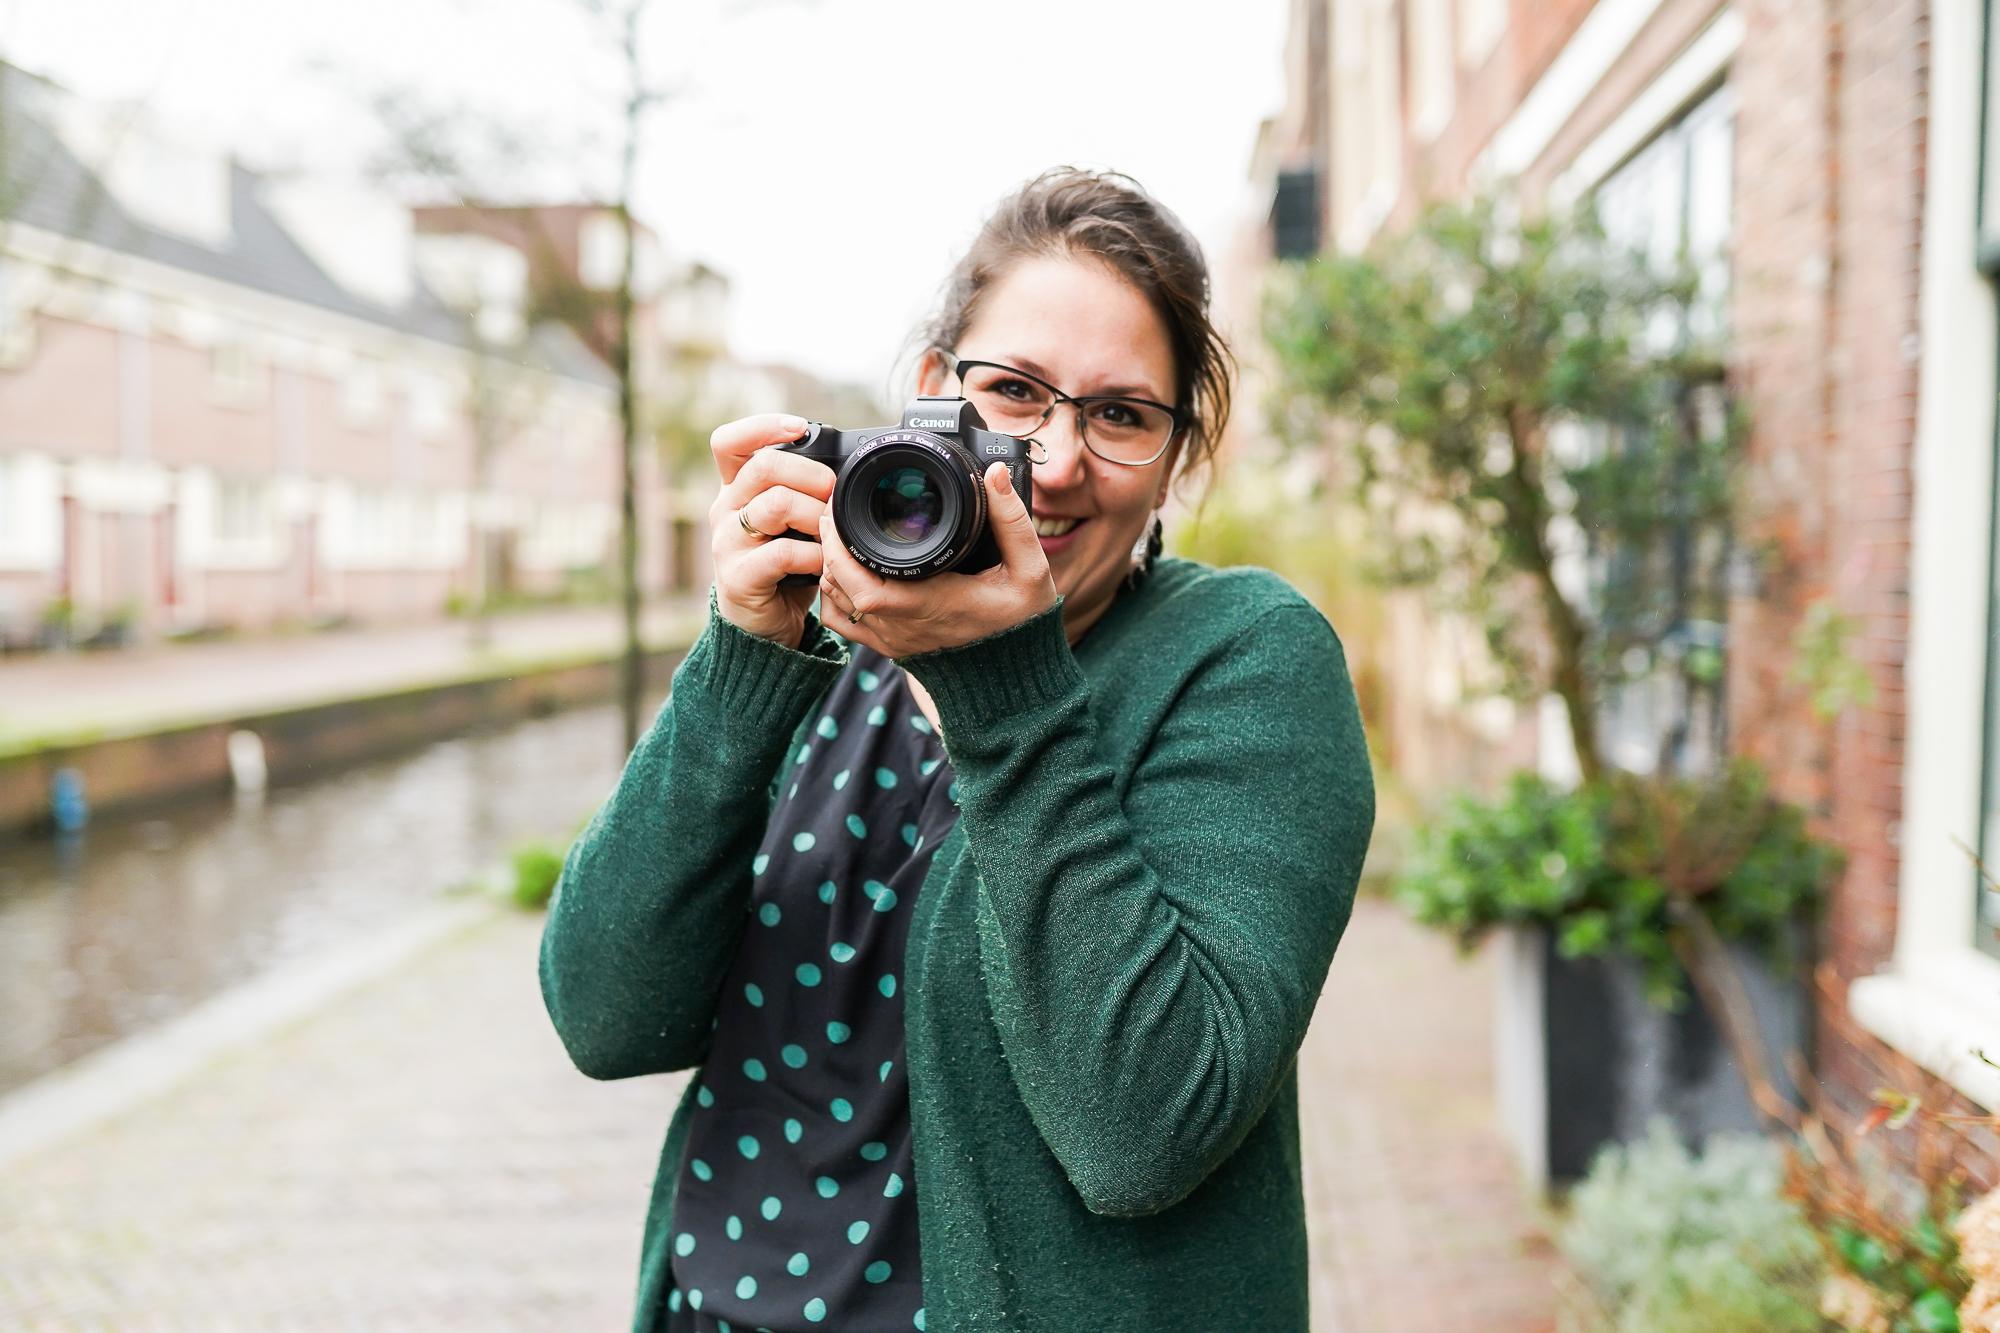 Dasja Dijkstra de fotograaf van Das' Knuss Fotografie en de Kunstenaar van Schaduwfoto